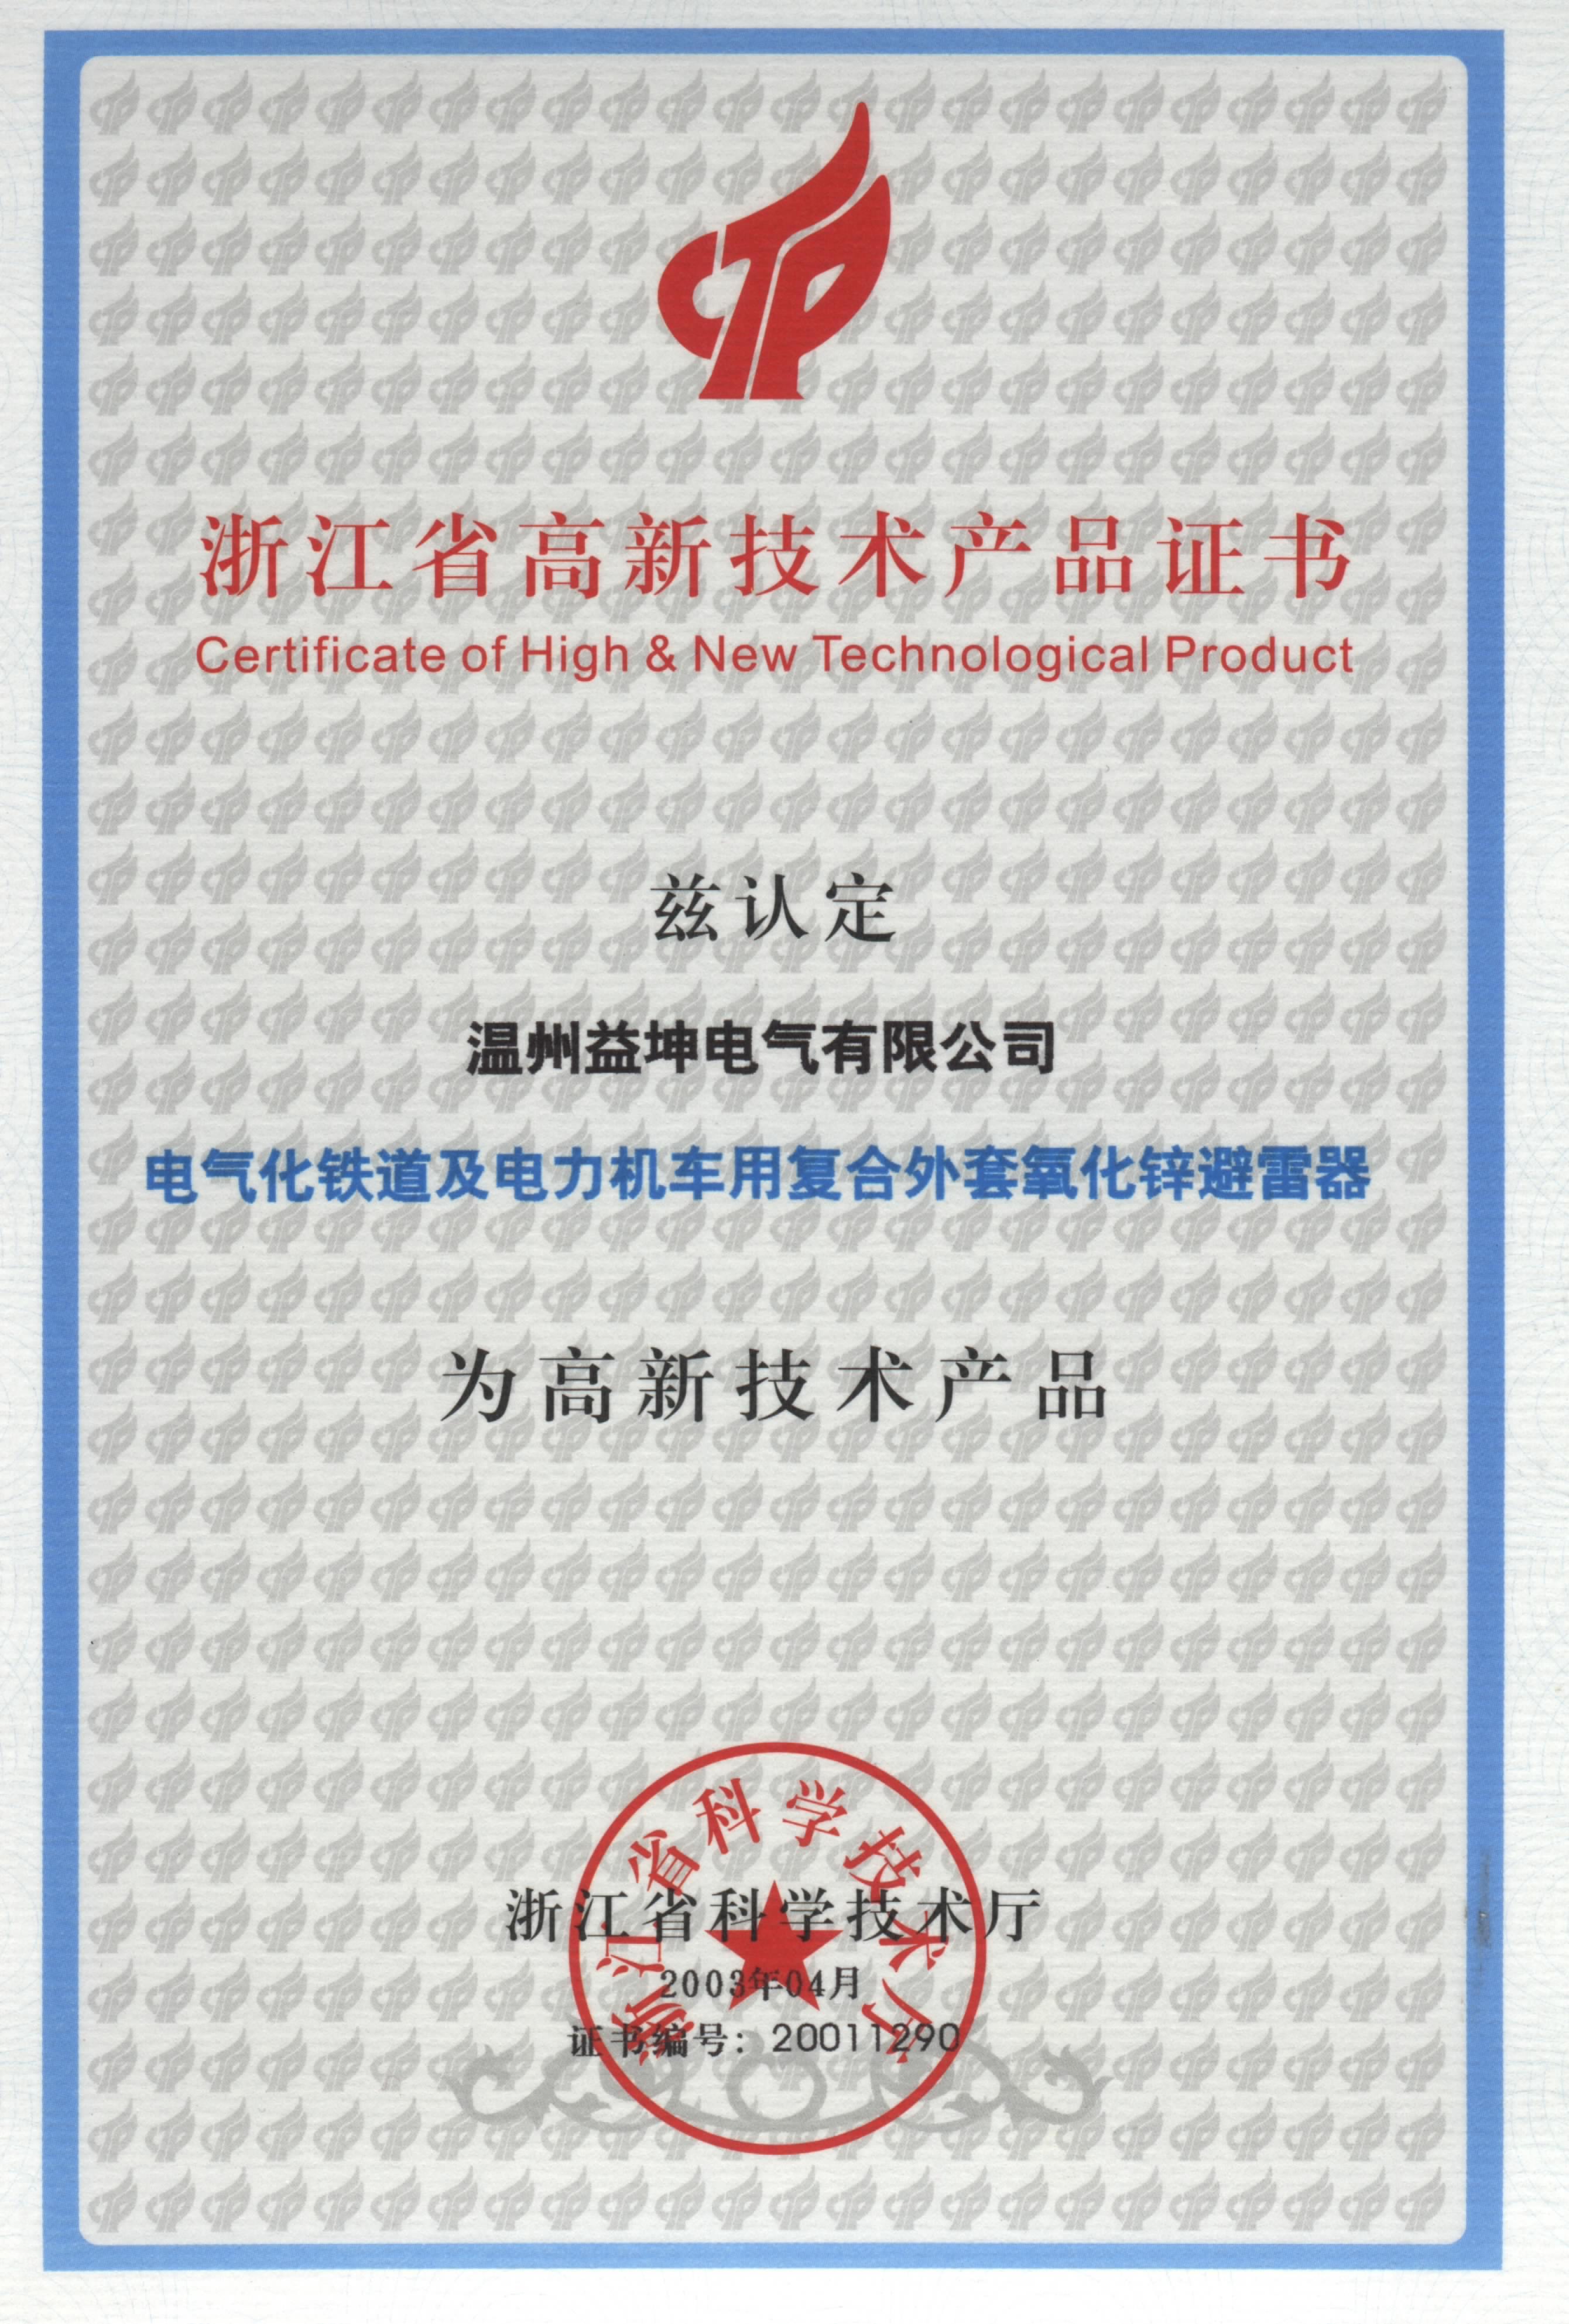 电气化铁道及电力机车用复合外套氧化锌避雷器高新技术证书